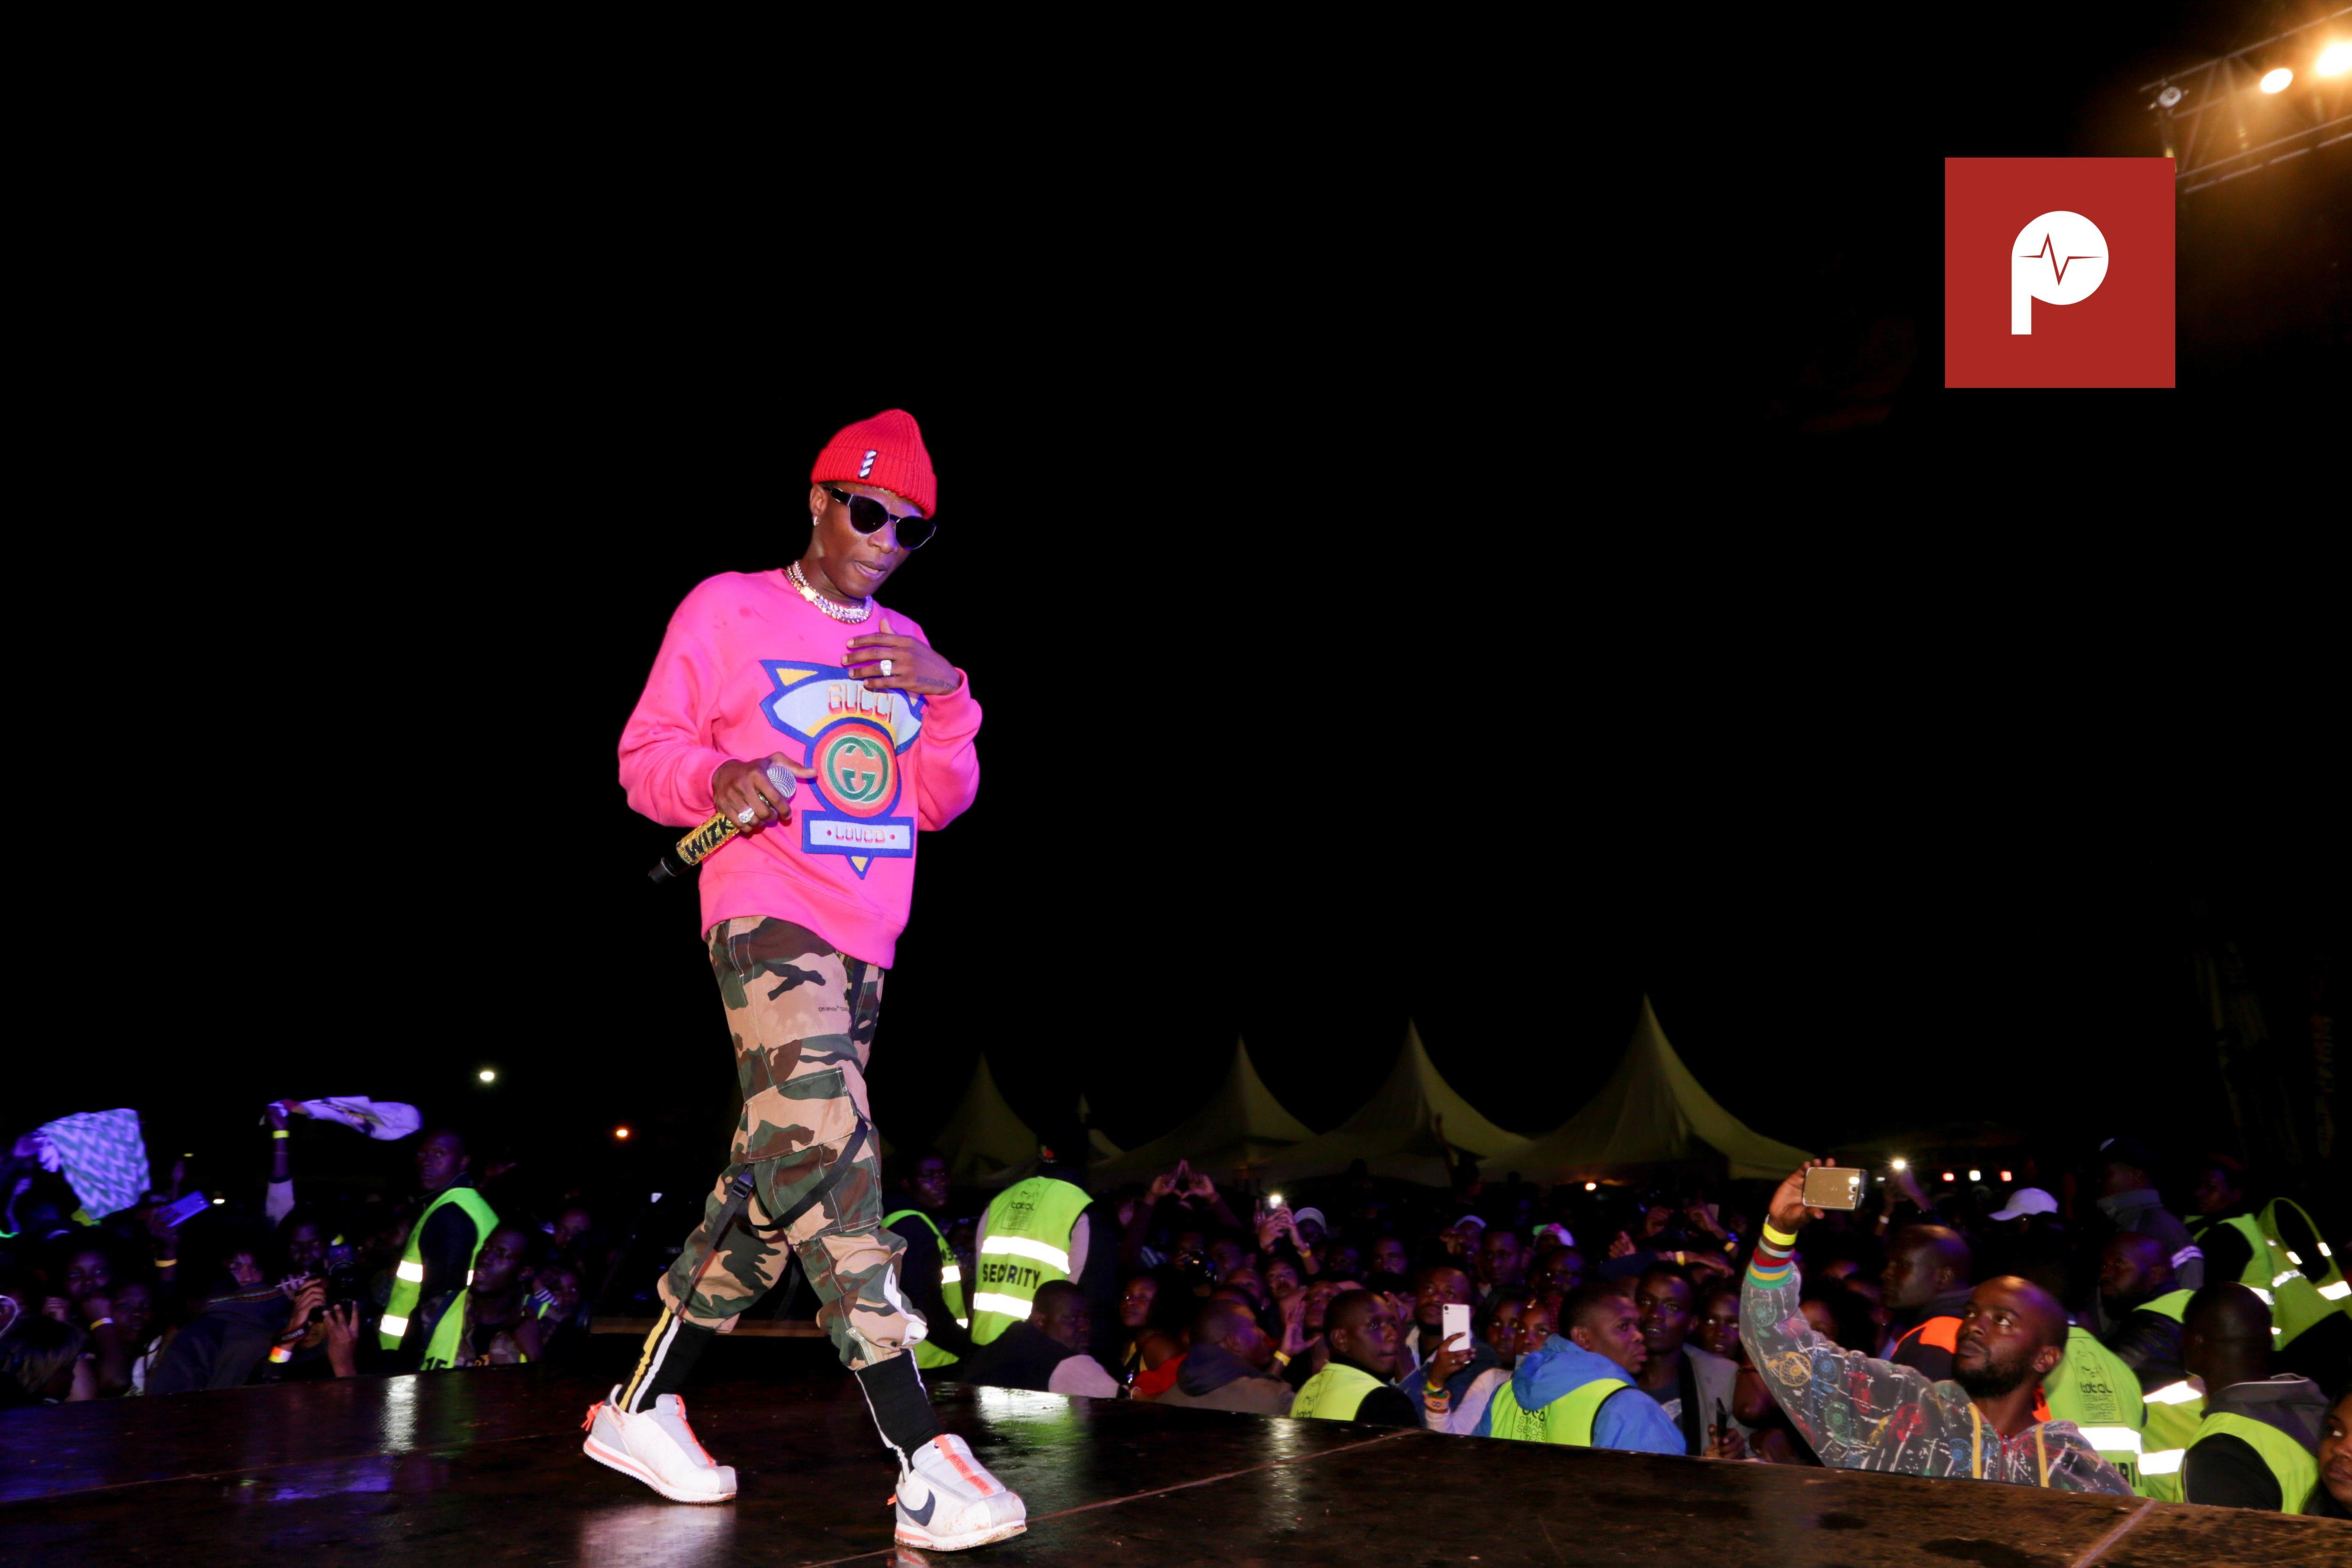 How Wizkid's concert went down in Nakuru